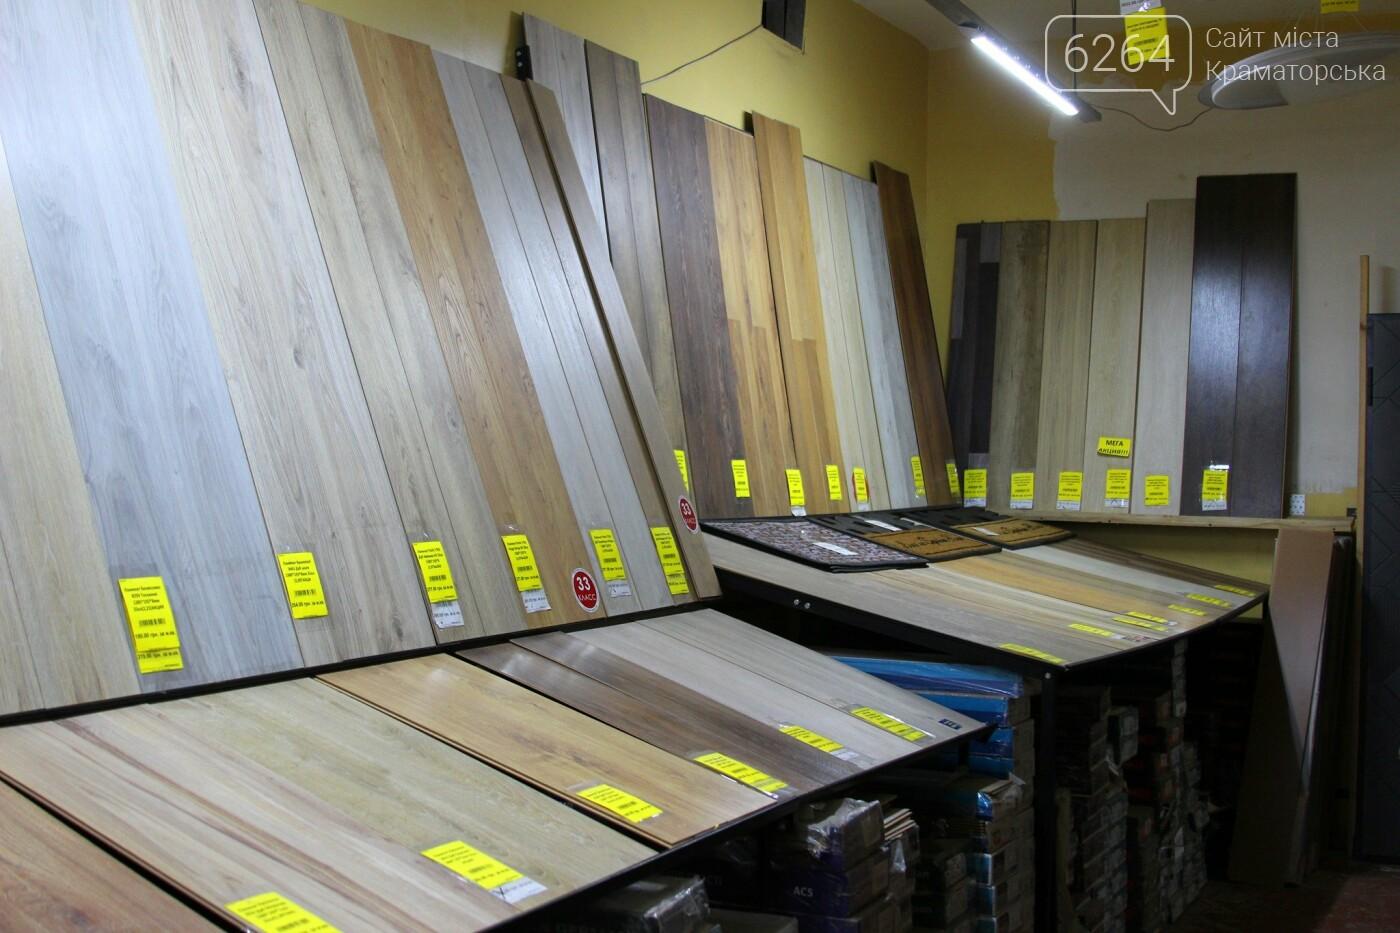 Большая распродажа под открытие нового строительного супермаркета procom.ua!, фото-2